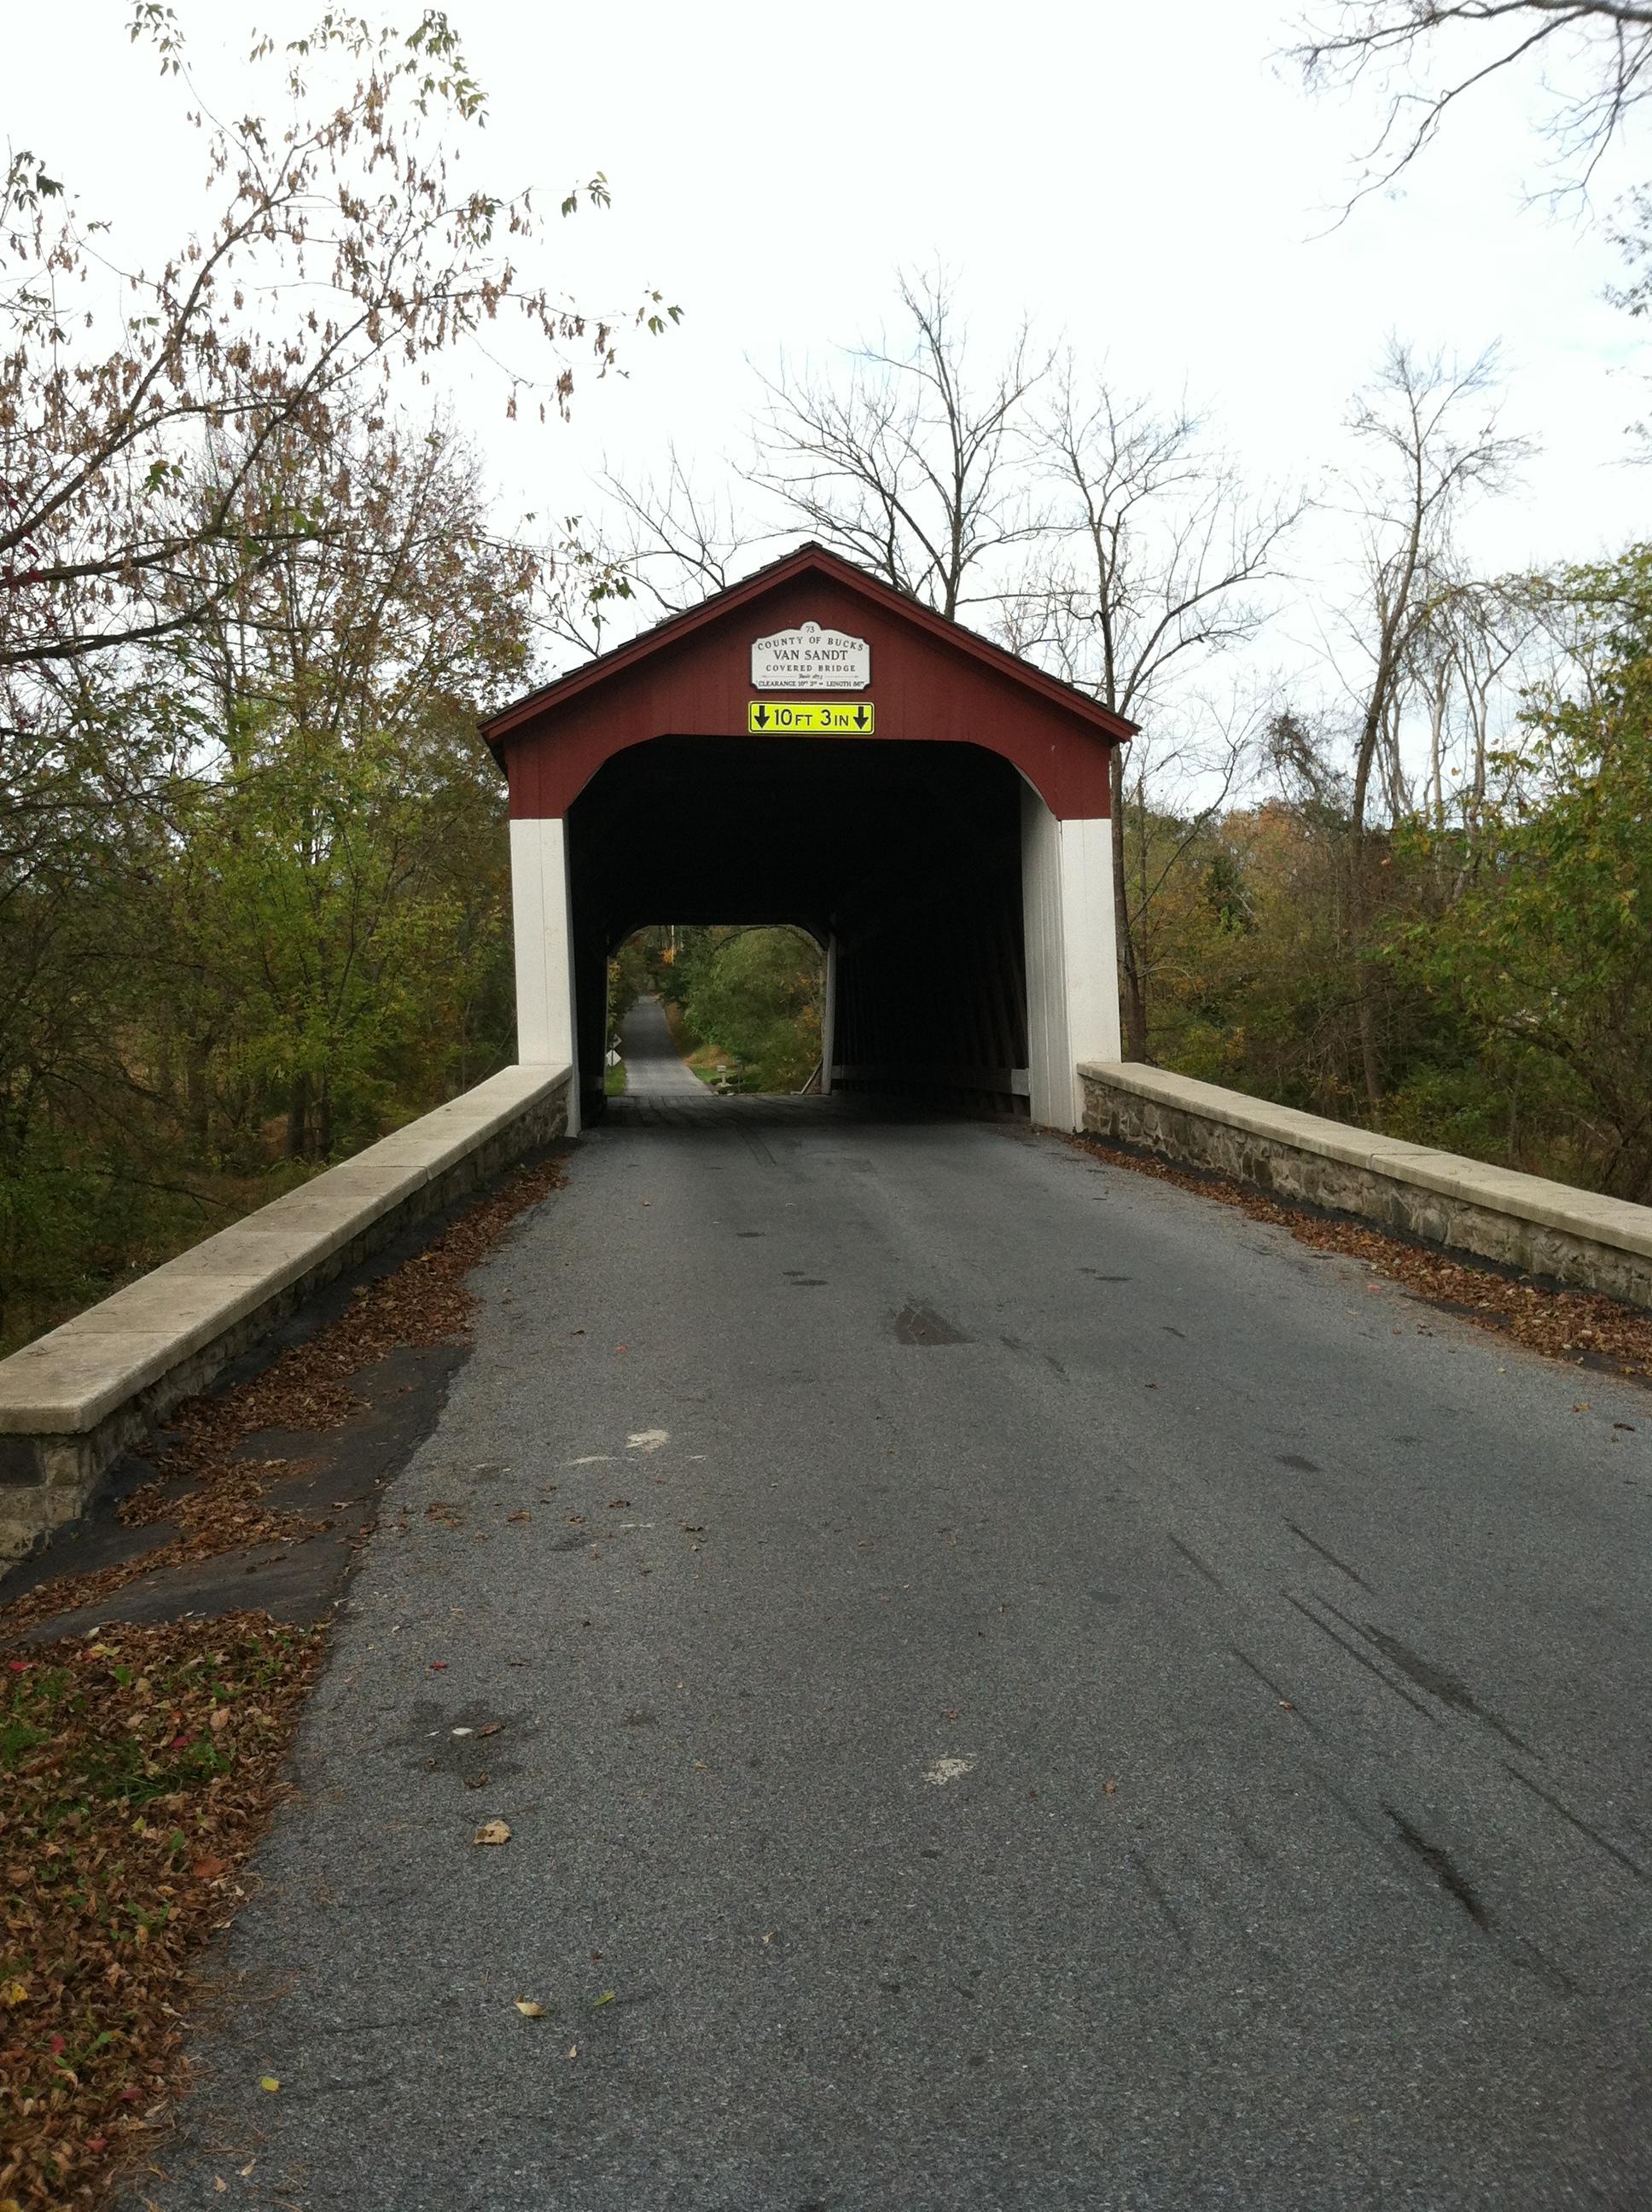 Van Sandt's Bridge